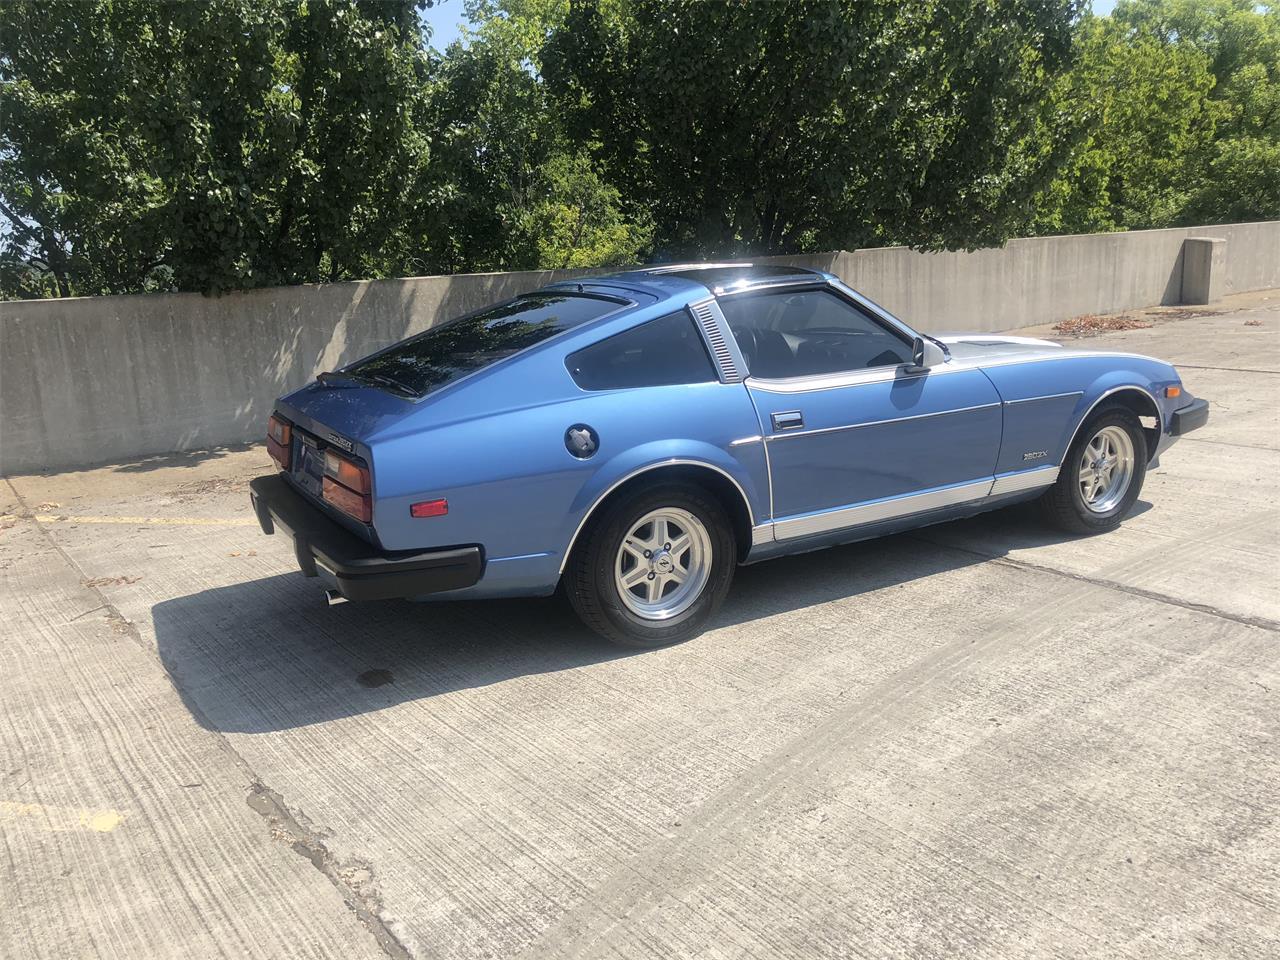 1981 Datsun 280ZX (CC-1134772) for sale in Branson, Missouri